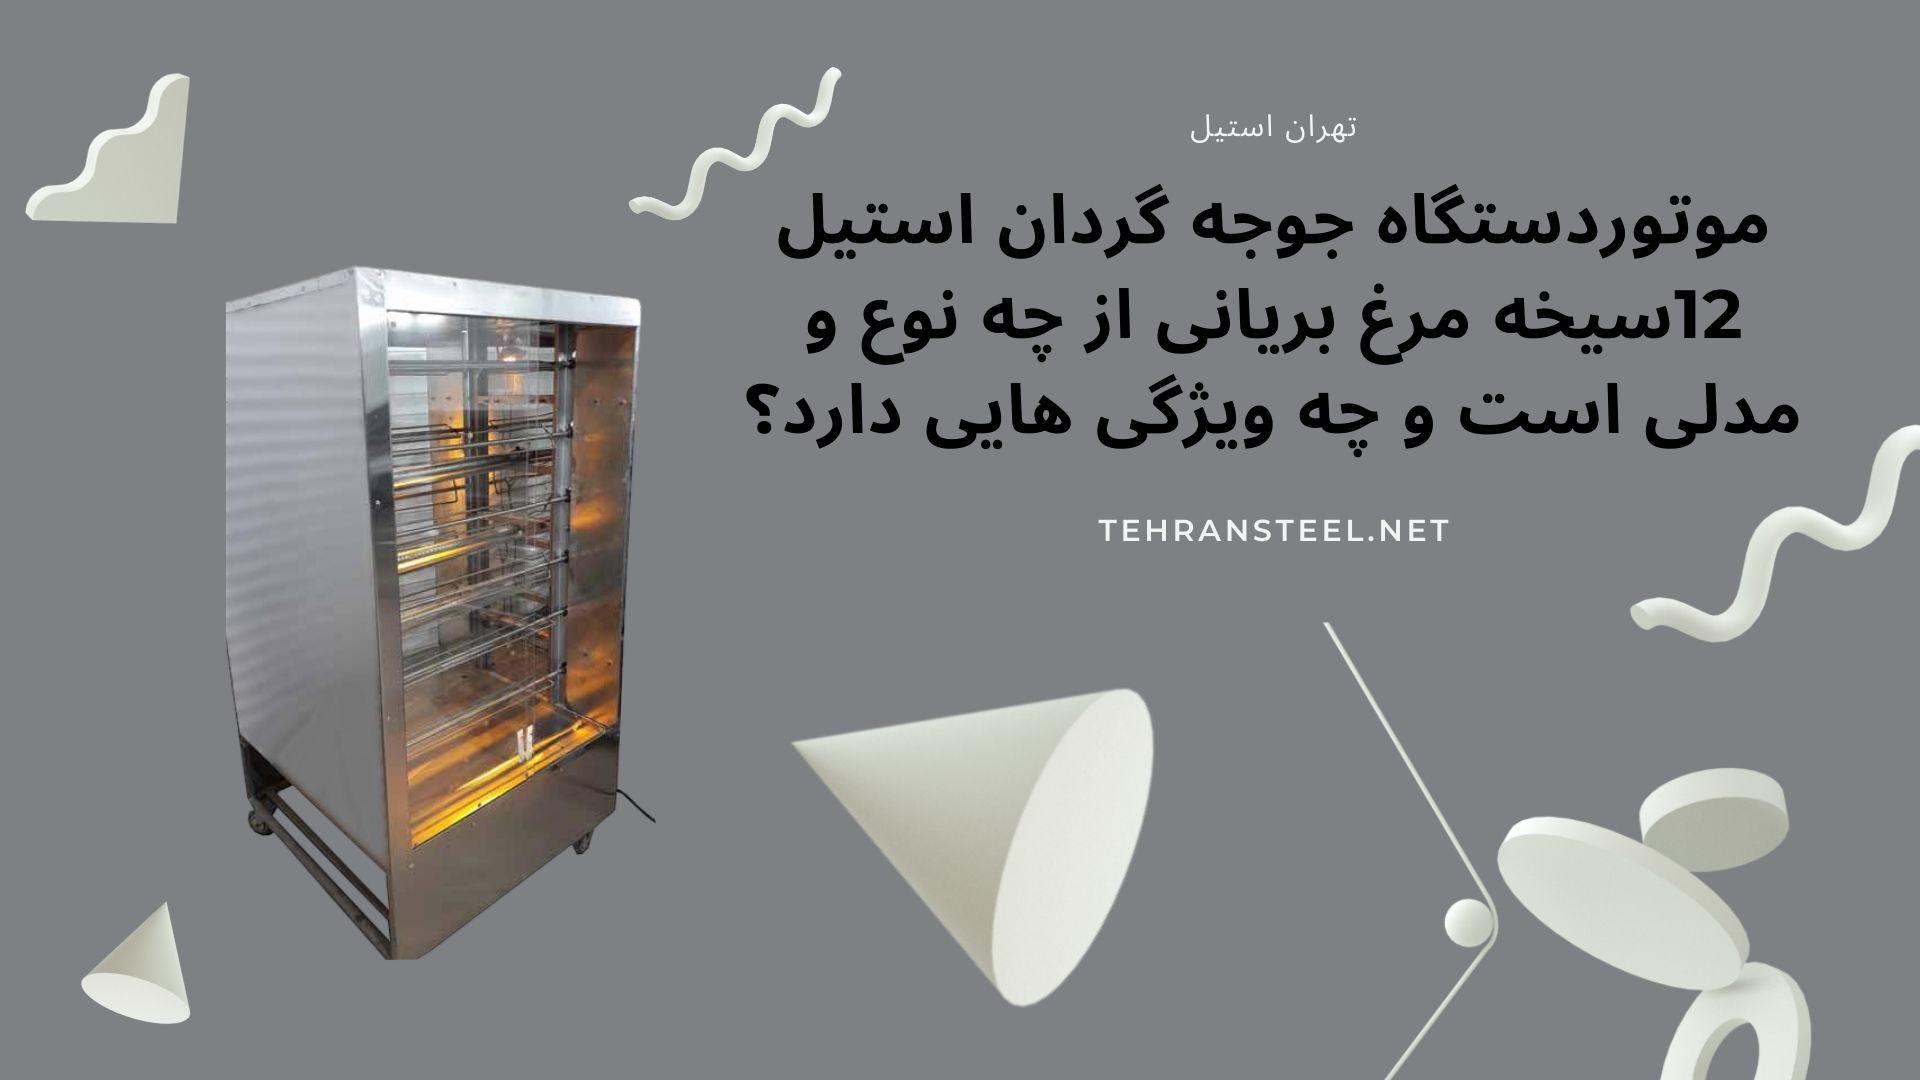 موتور دستگاه جوجه گردان استیل ۱۲ سیخه مرغ بریانی دستگاه از چه نوع و مدلی است، وچه ویژگی هایی دارد؟